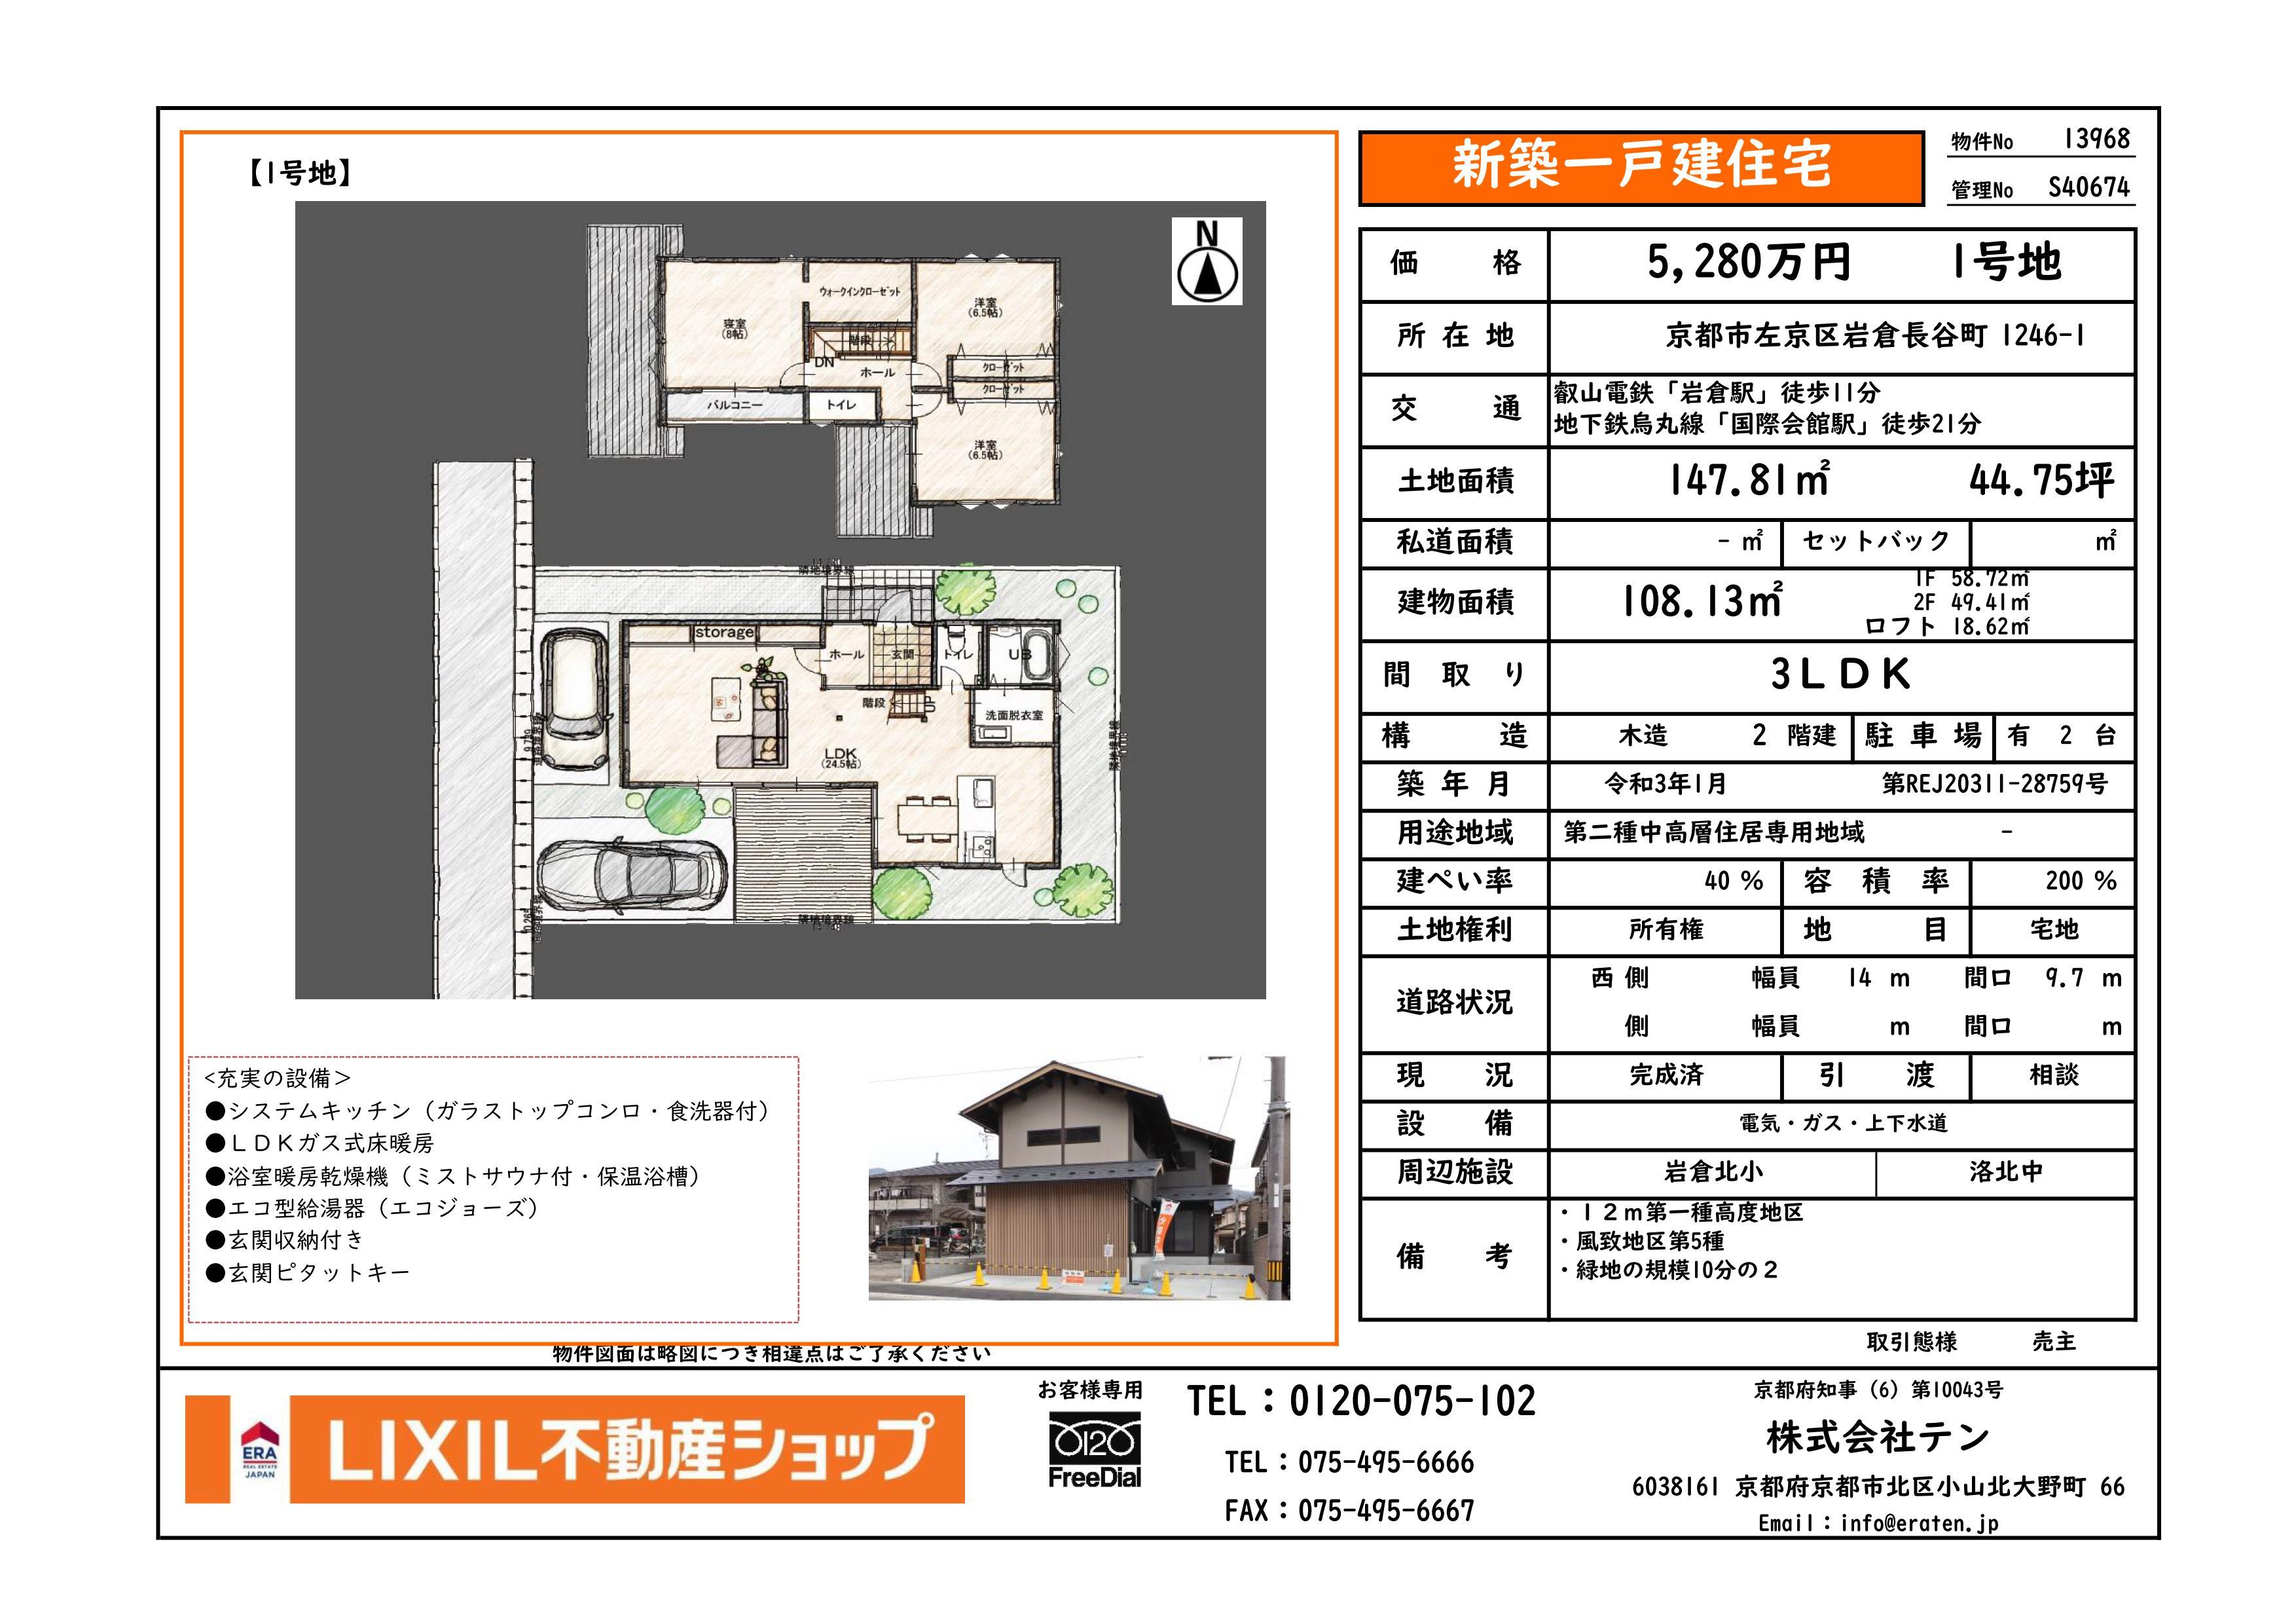 https://www.eraten.jp/blog/images/news/%E5%B2%A91.jpg